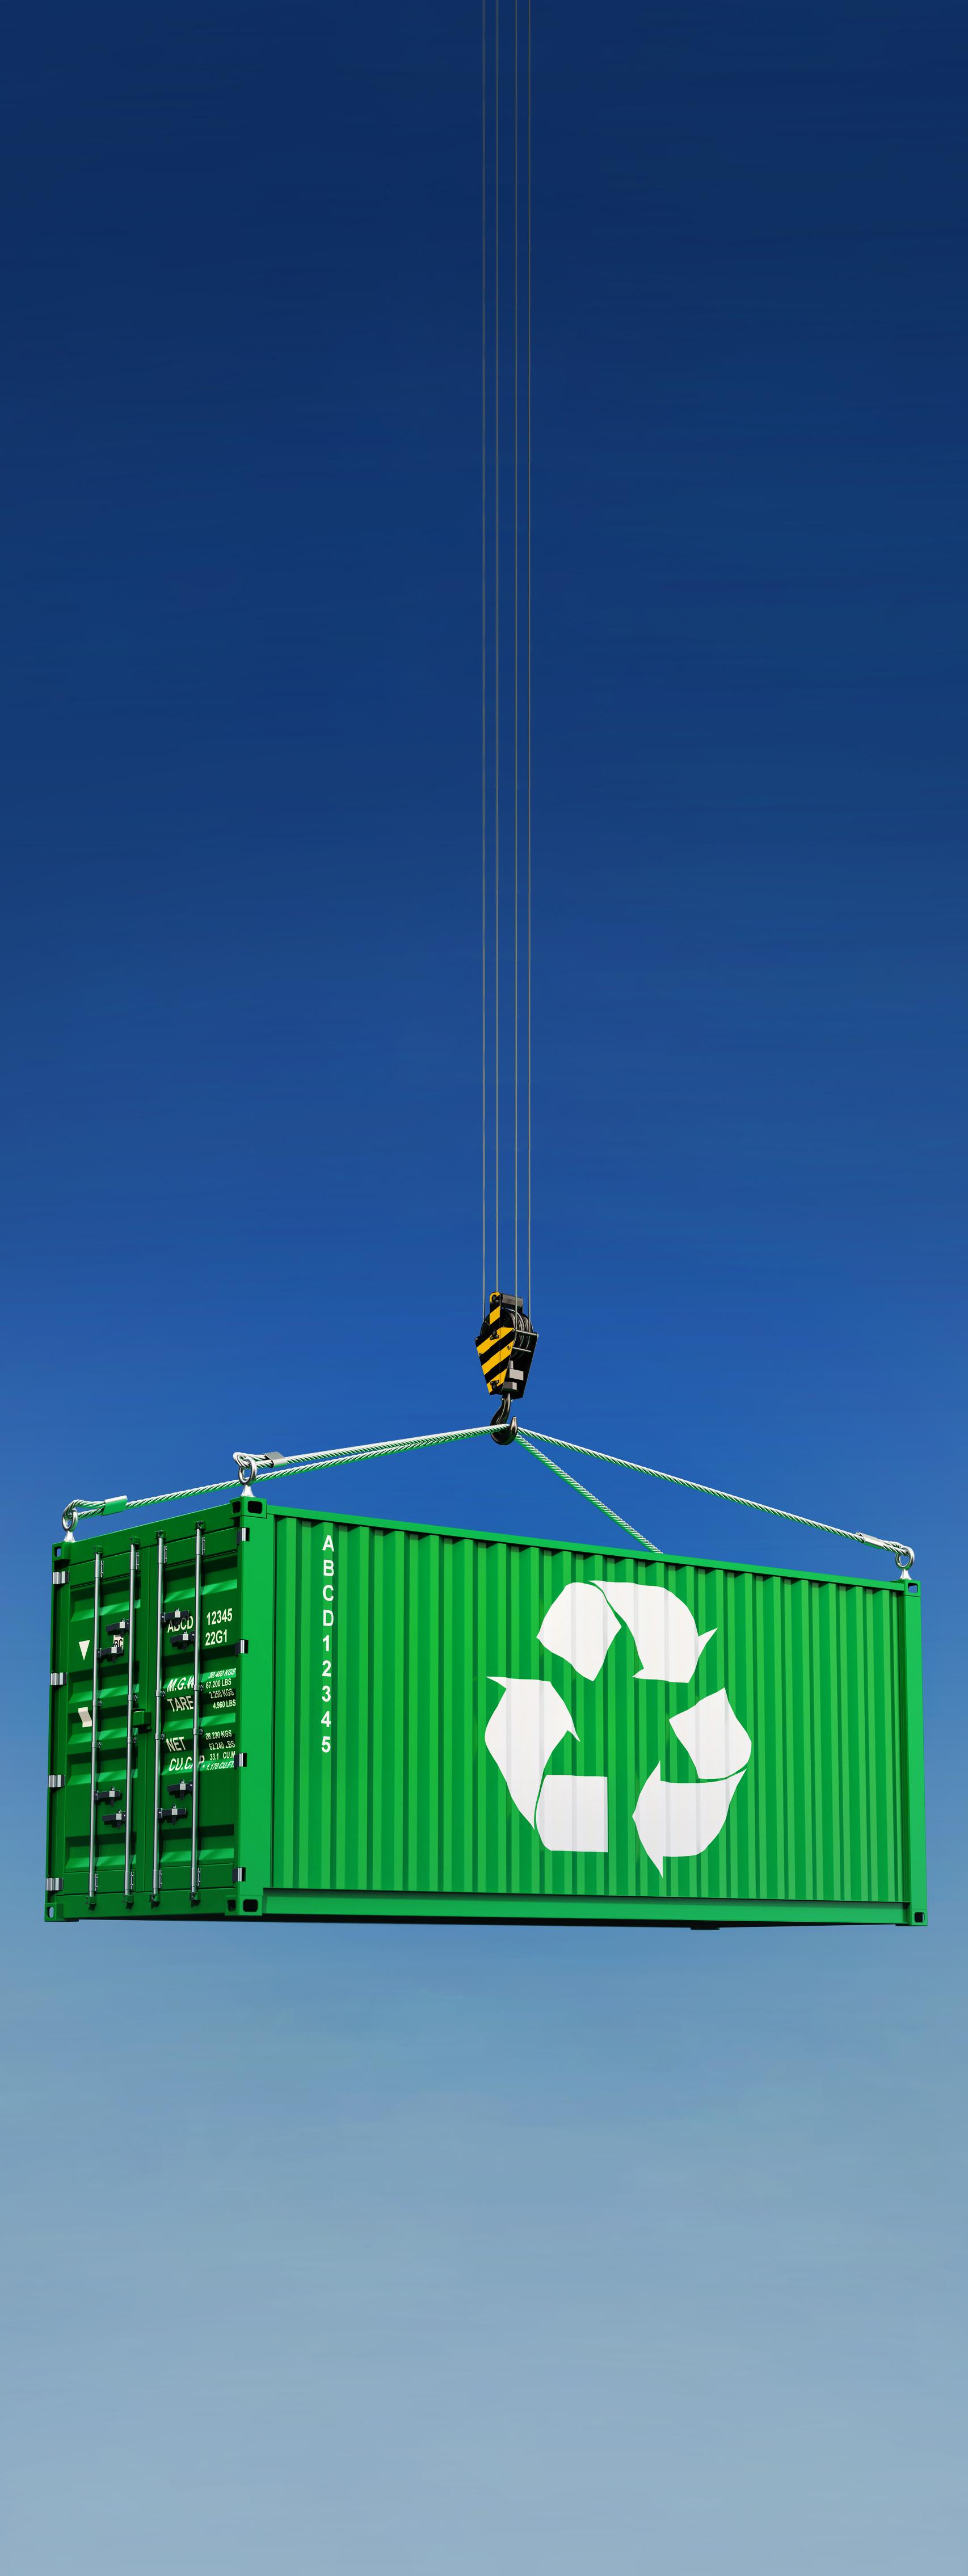 Green maritime shipping